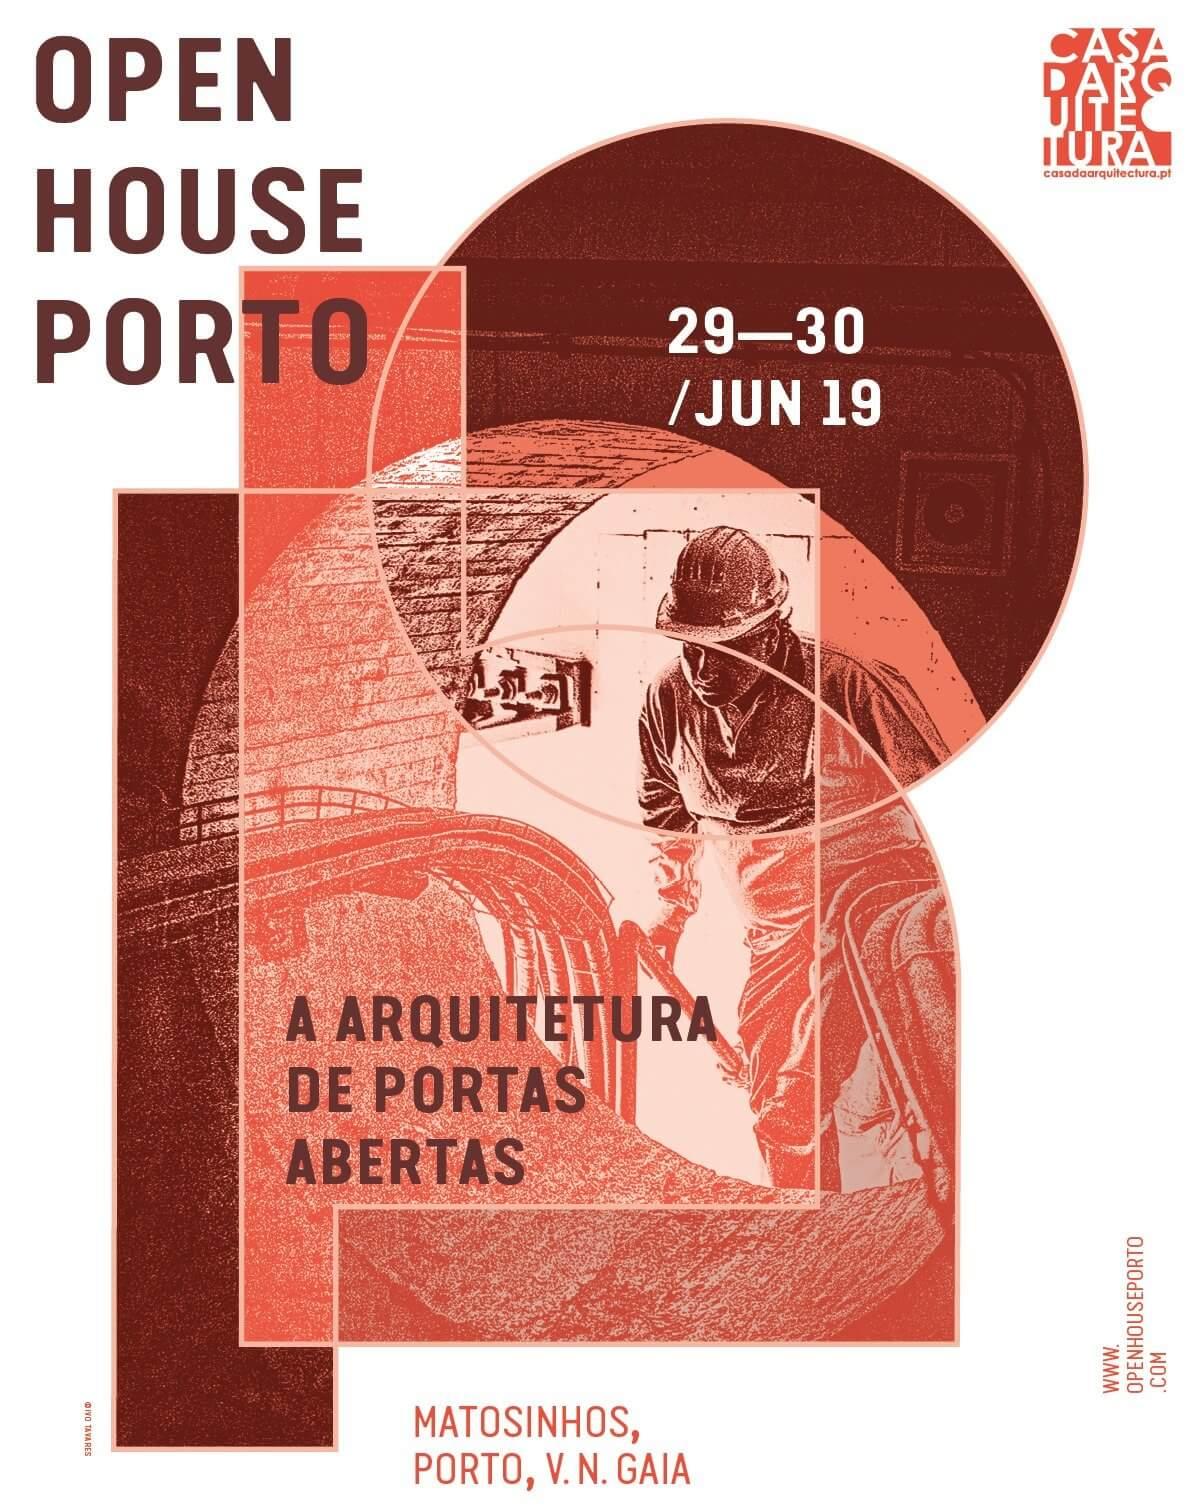 Open House Porto Arquitetura Portuguesa do fotografo Ivo Tavares Studio